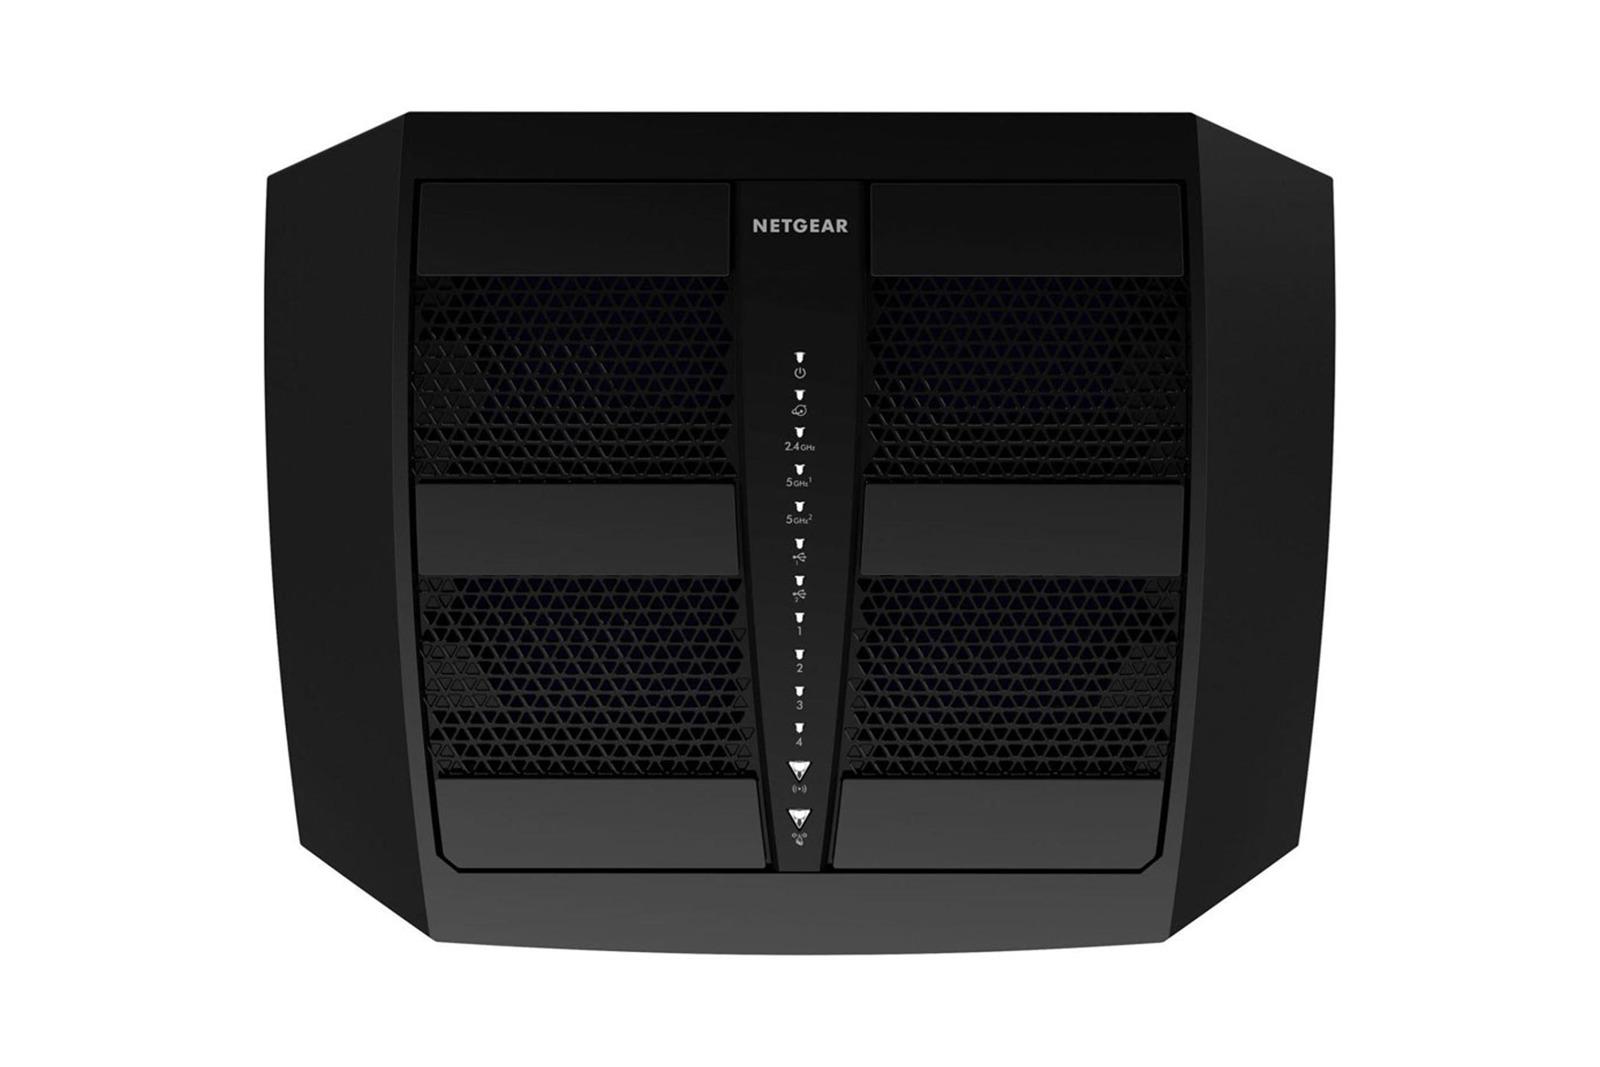 Router WiFi Netgear AC4000 Nighthawk X6S Smart